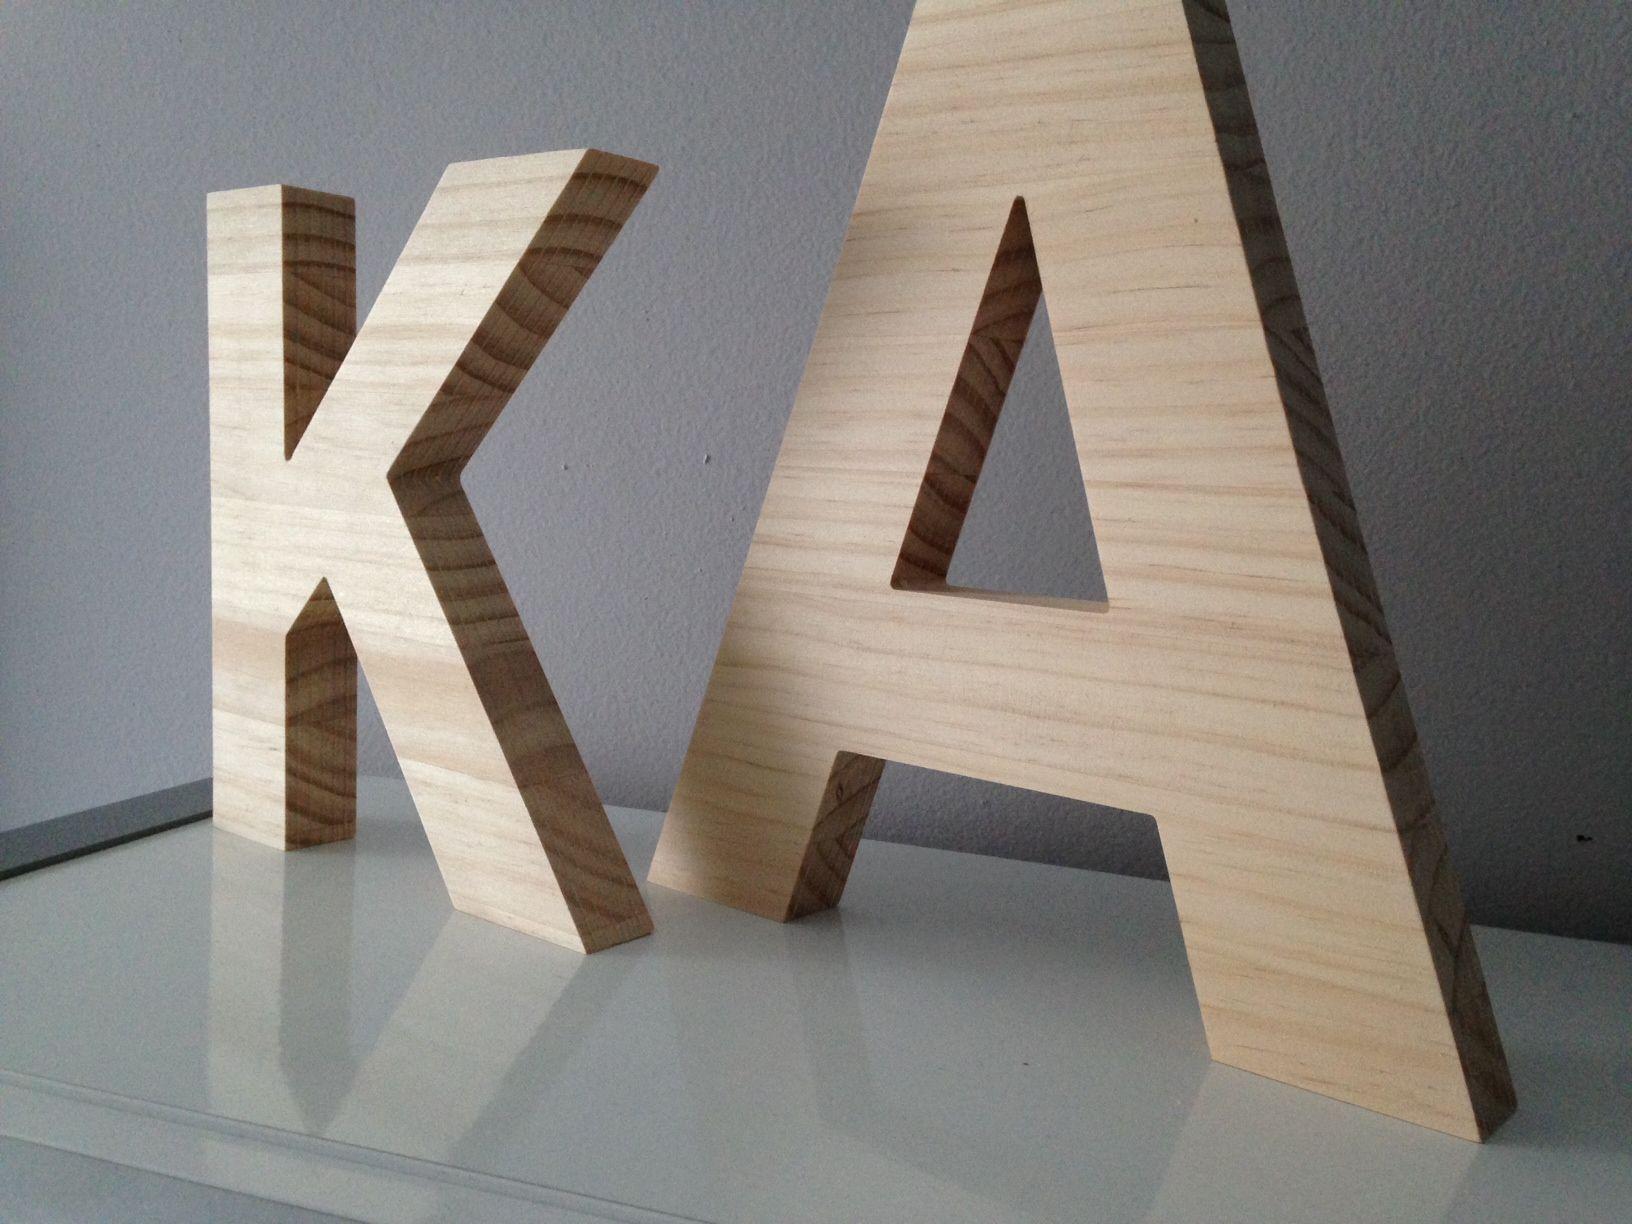 Letras de madera decoraci n y rotulaci n pinterest - Letras en madera ...